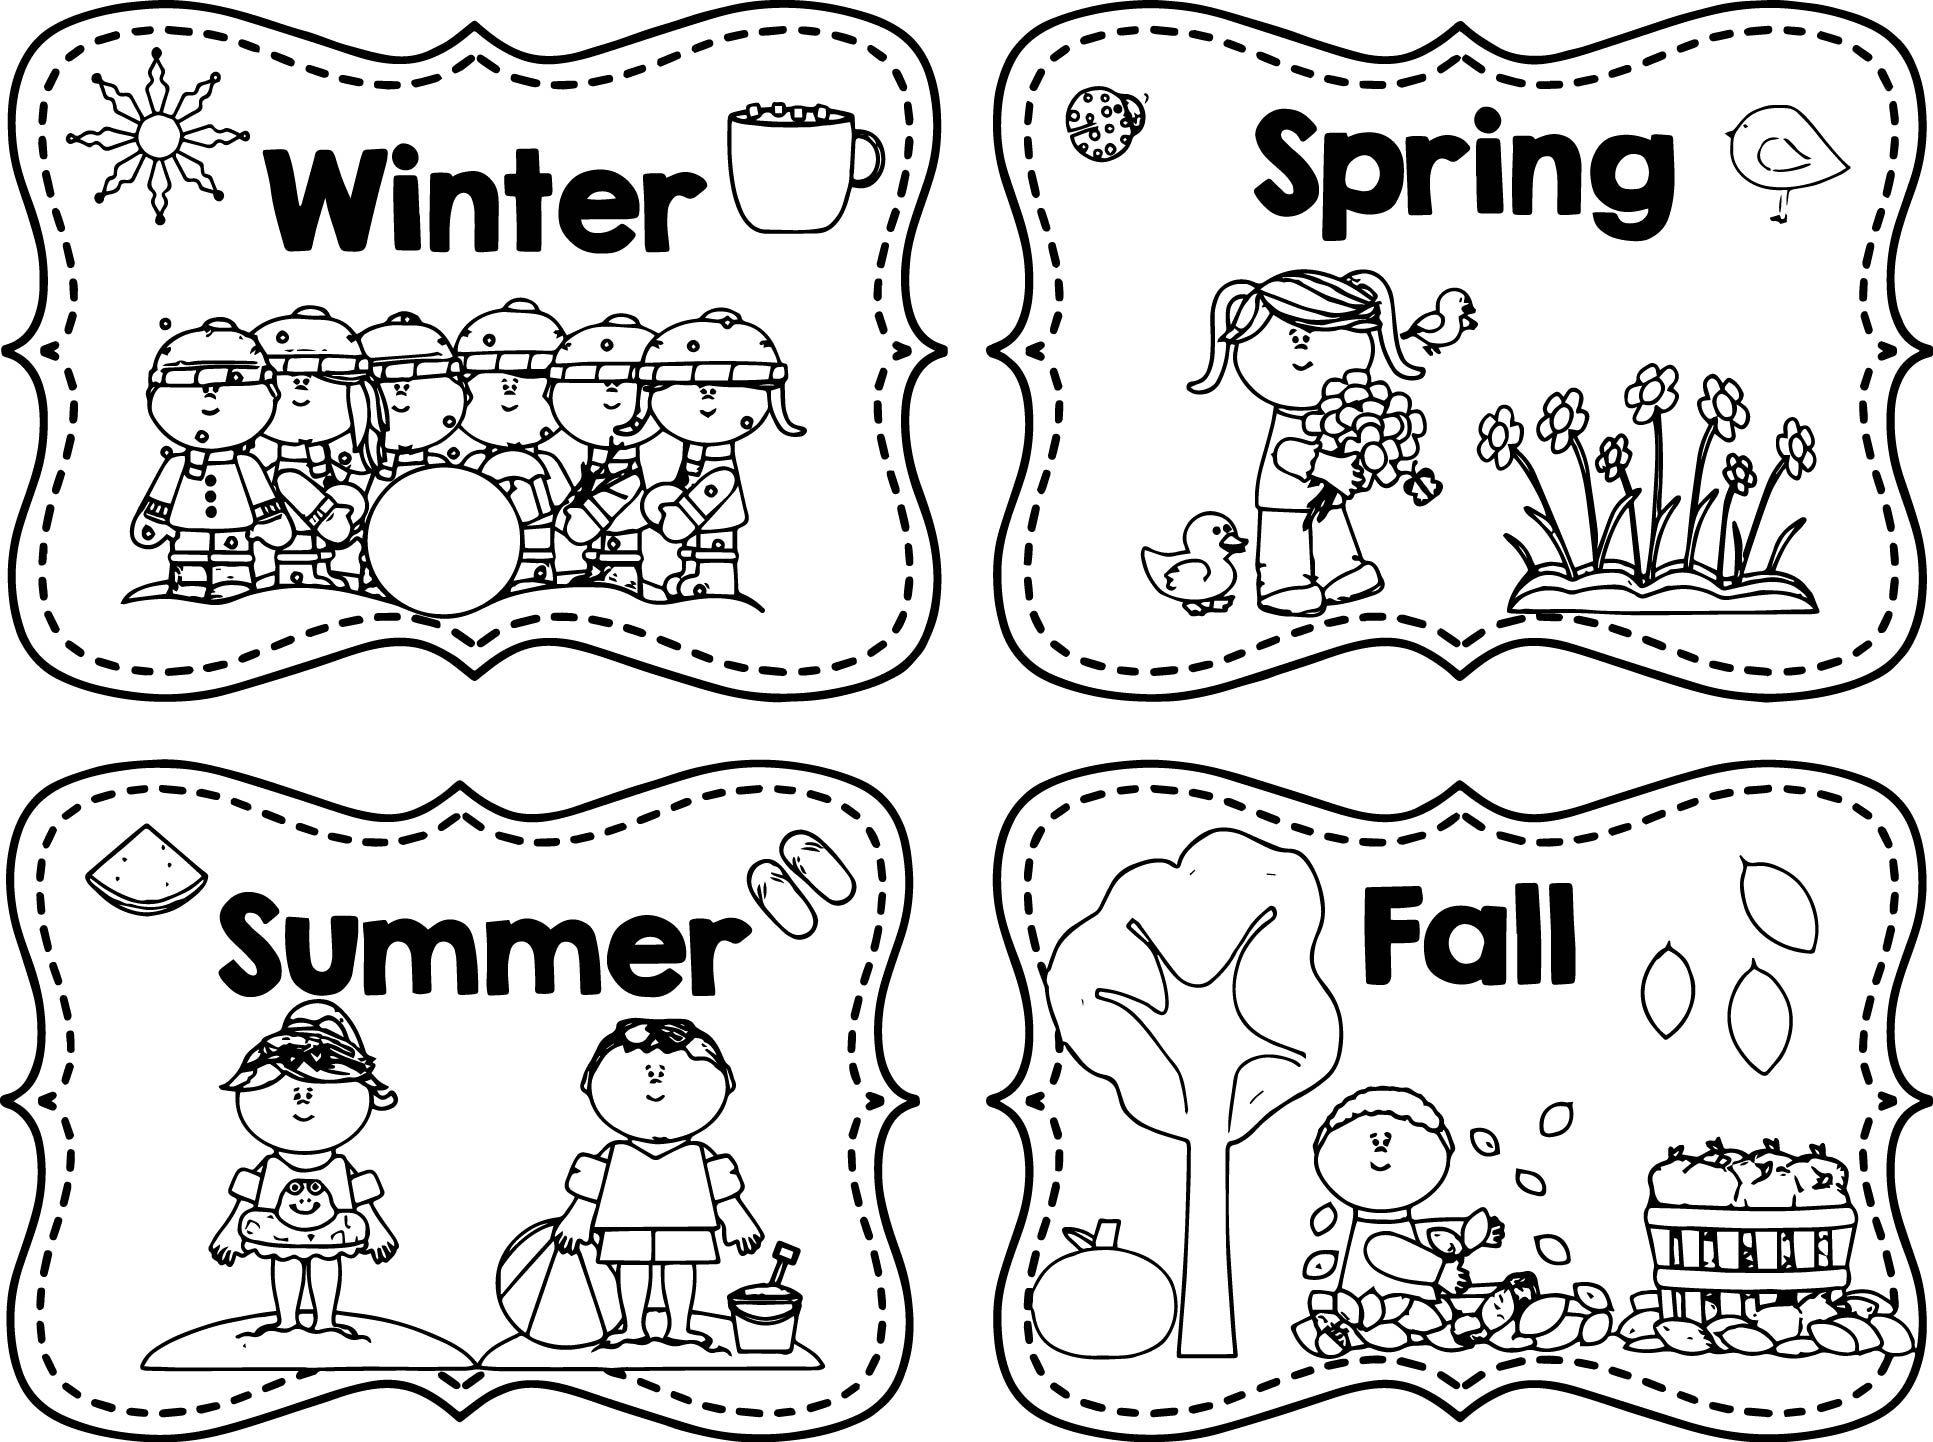 4 Seasons Coloring Book